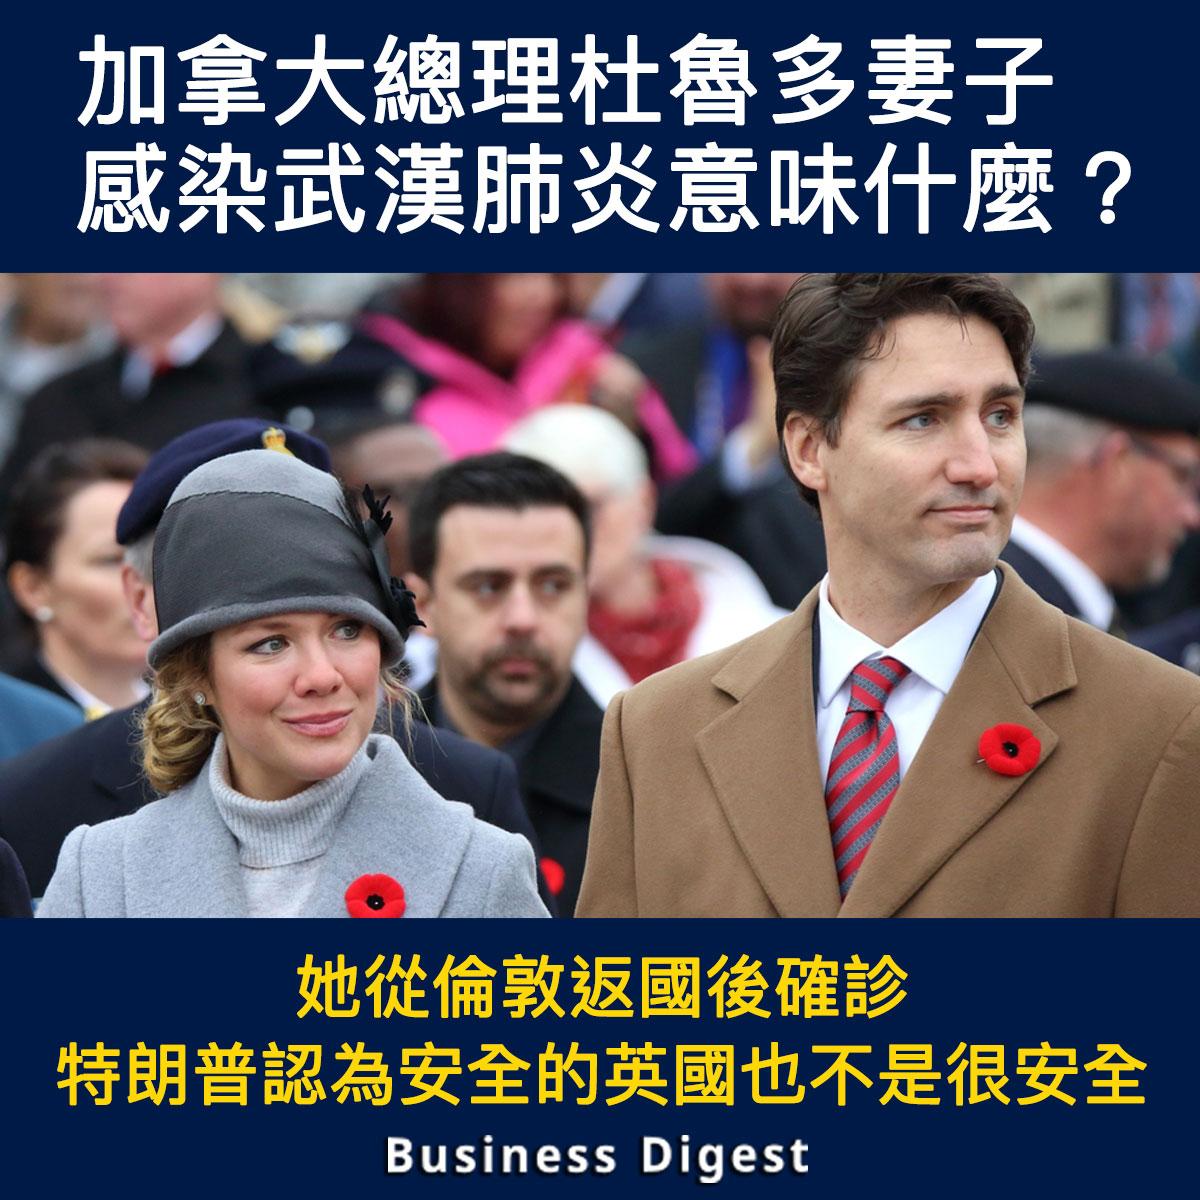 【武漢肺炎】加拿大總理杜魯多妻子感染武漢肺炎意味什麼?英國也不是很安全